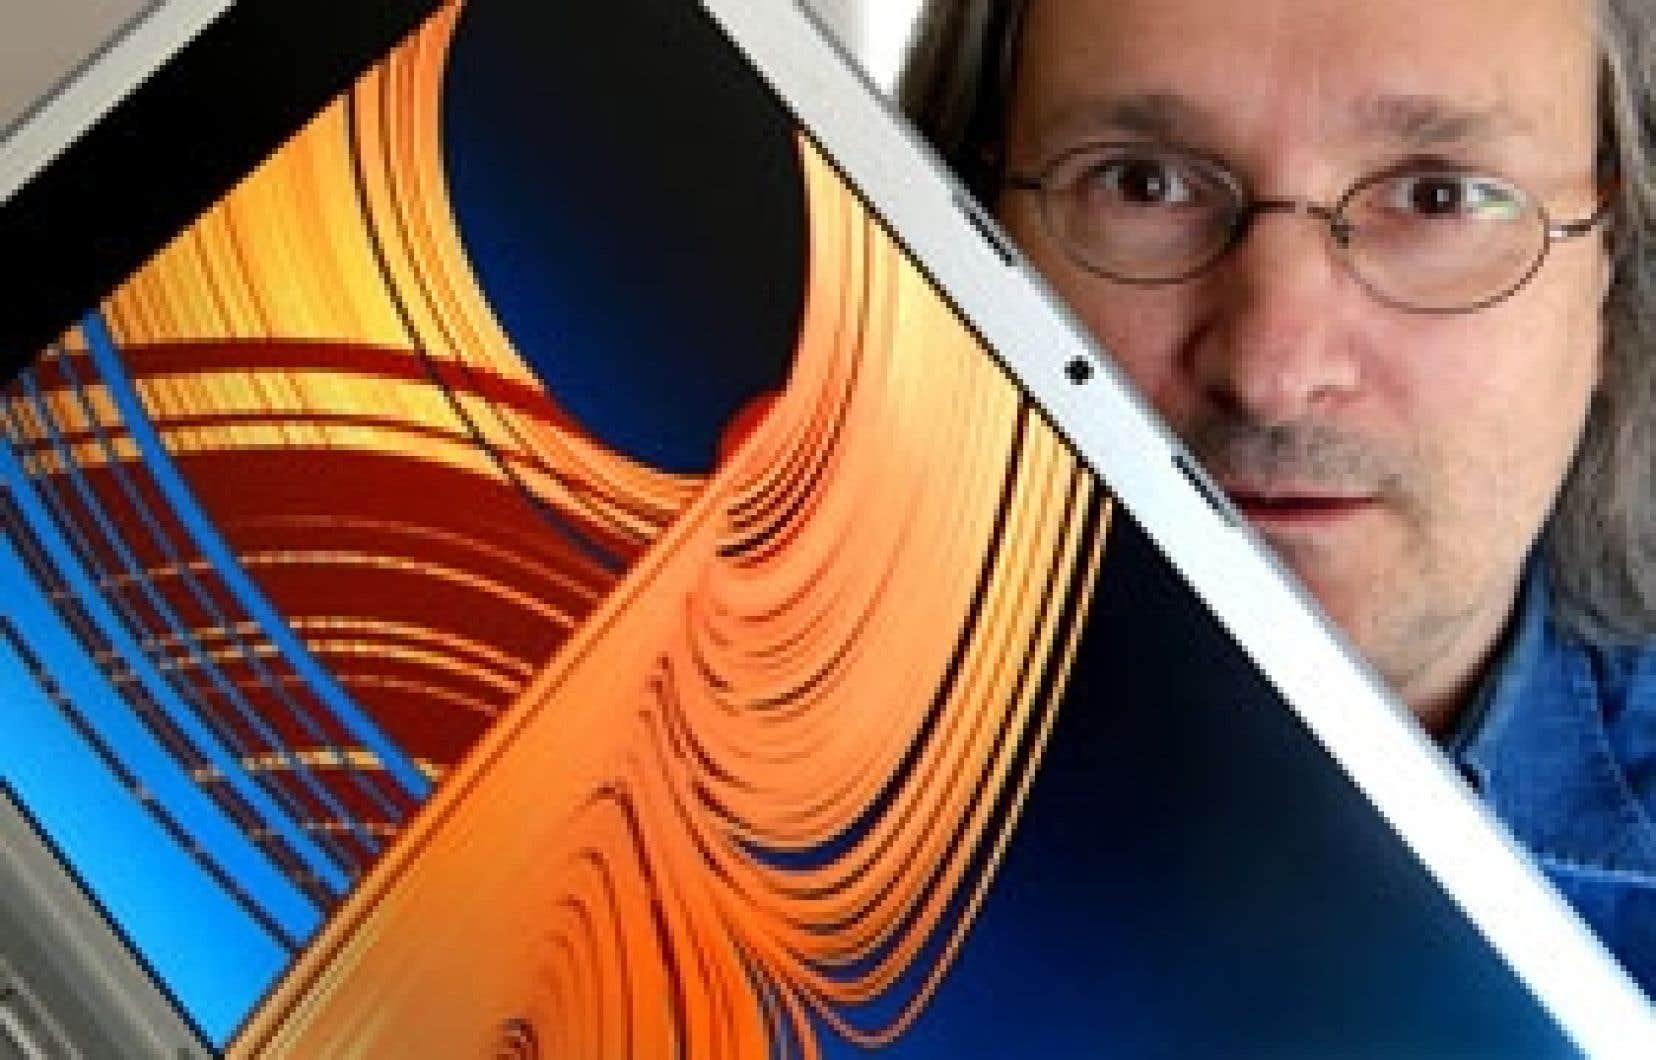 Le mathématicien Étienne Ghys photographié derrière une représentation de l'effet papillon de Lorenz.